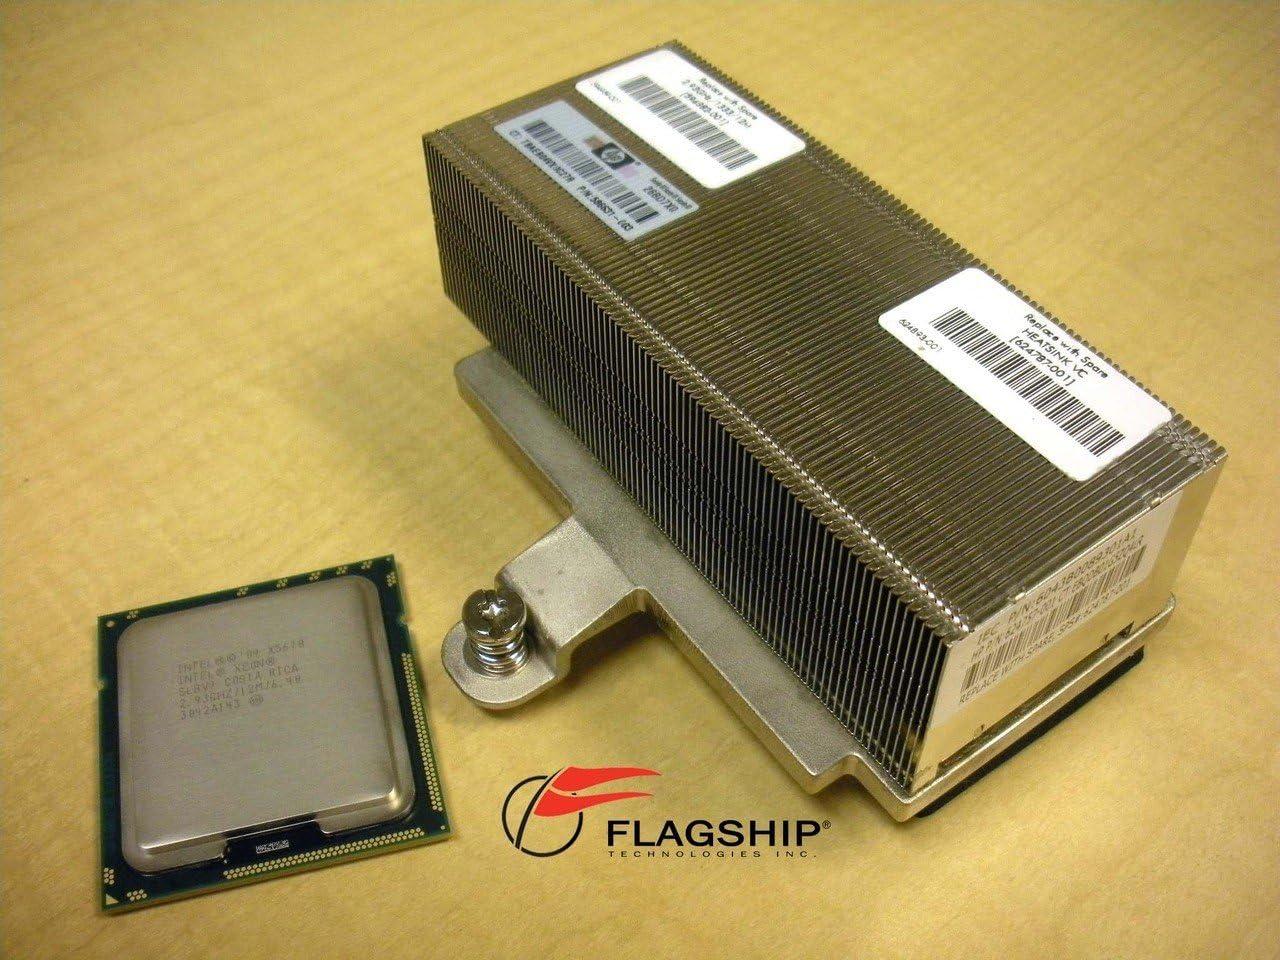 HP 610859-B21